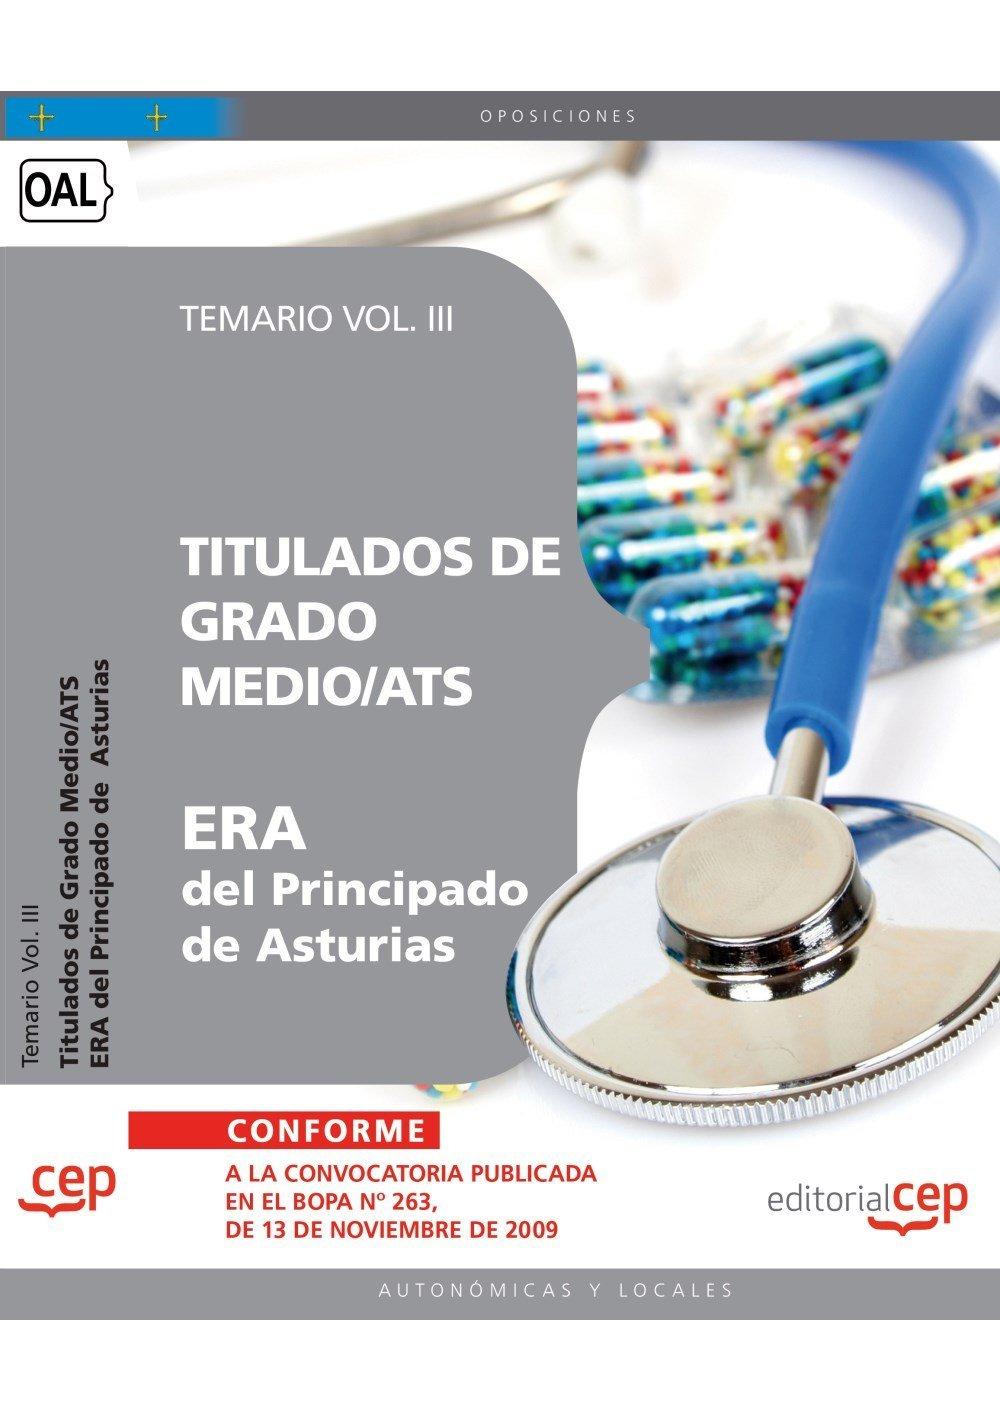 Titulados de Grado Medio/ATS ERA del Principado de Asturias. Temario Vol. III. ebook